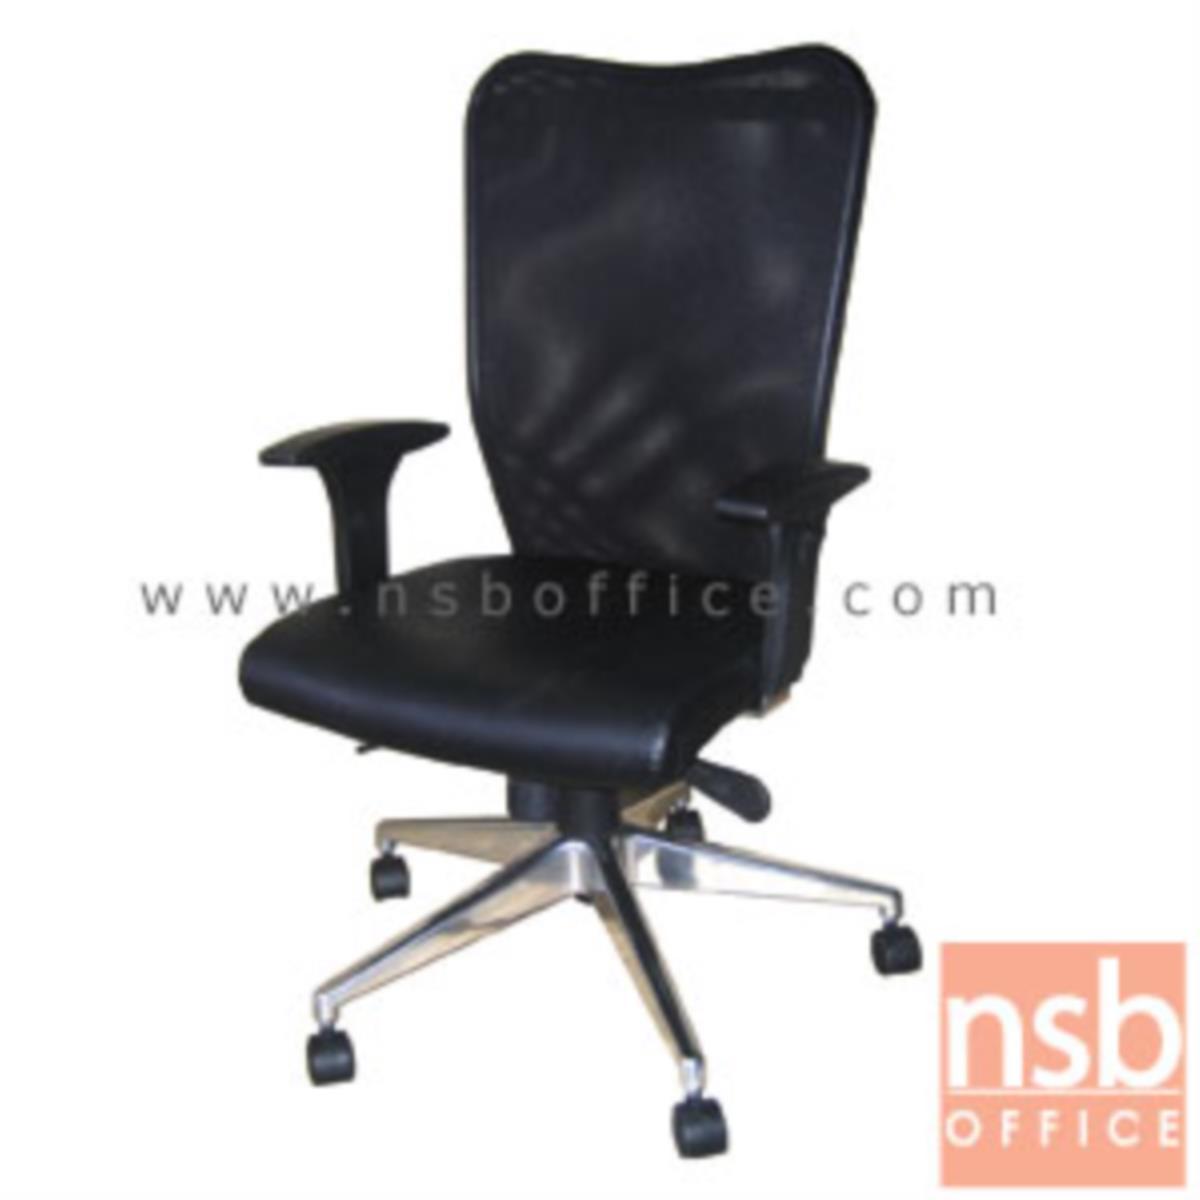 เก้าอี้สำนักงานหลังเน็ต รุ่น Avarius (อวาเรียส)  โช๊คแก๊ส มีก้อนโยก ขาอลูมิเนียม